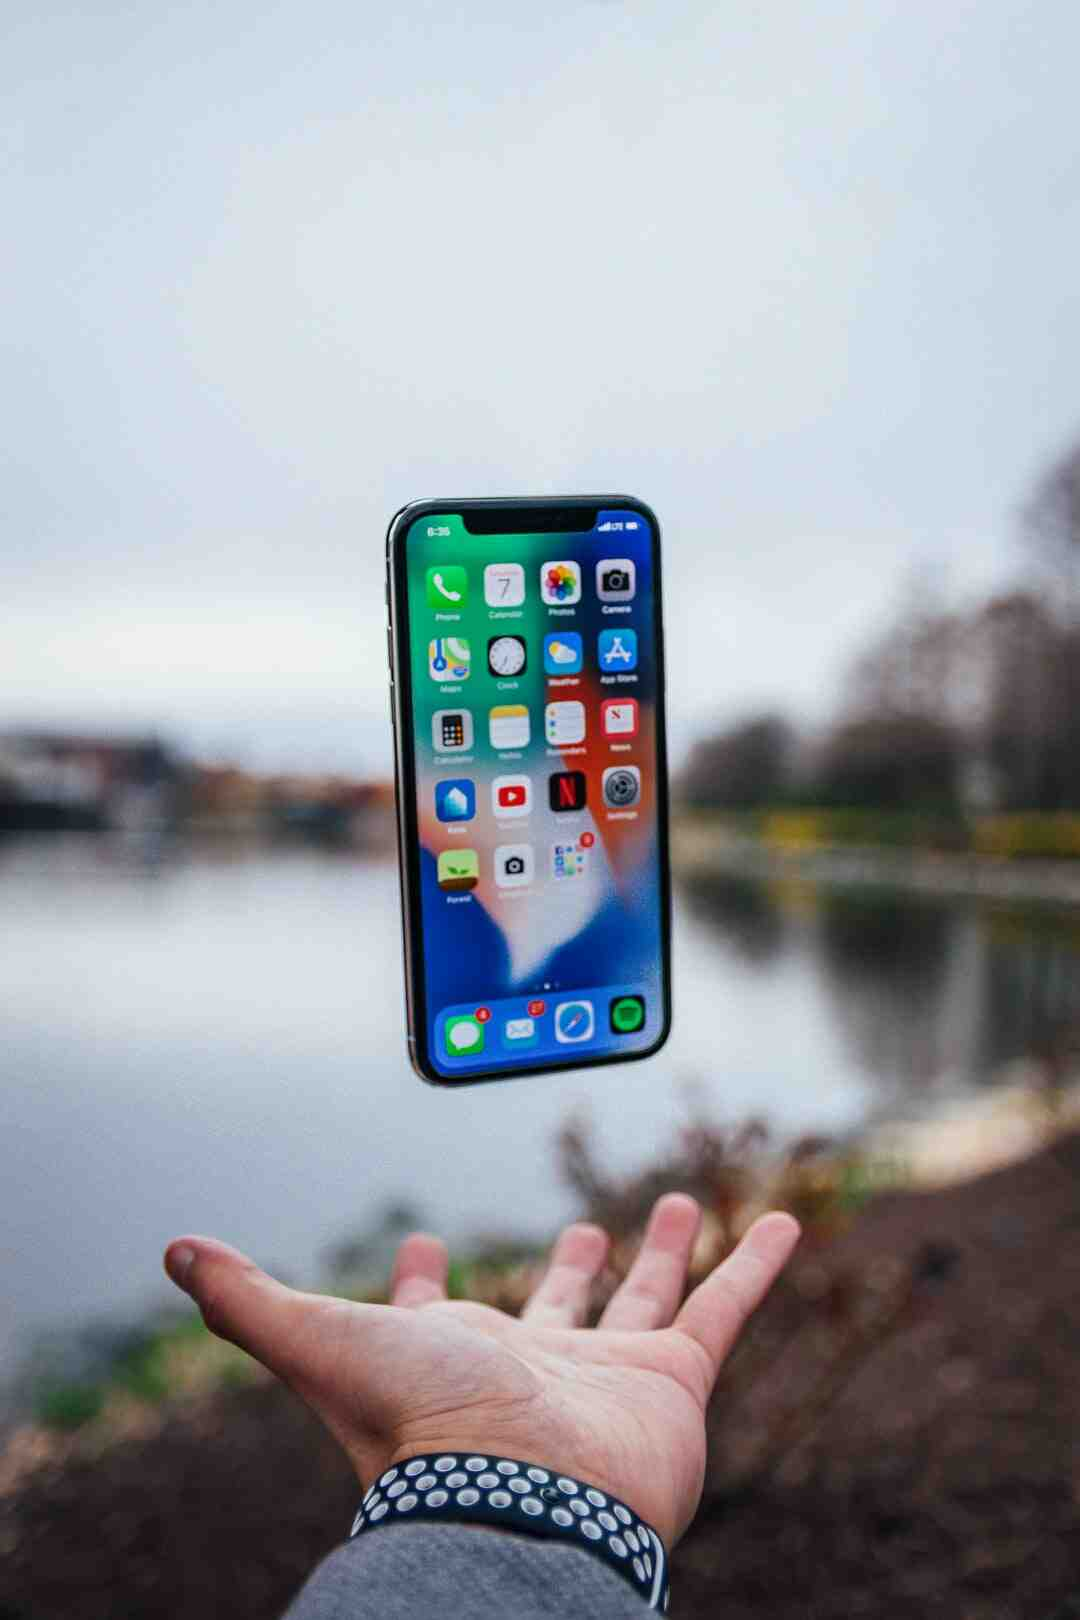 Comment forcer l'arrêt d'un iPhone 7 plus ?